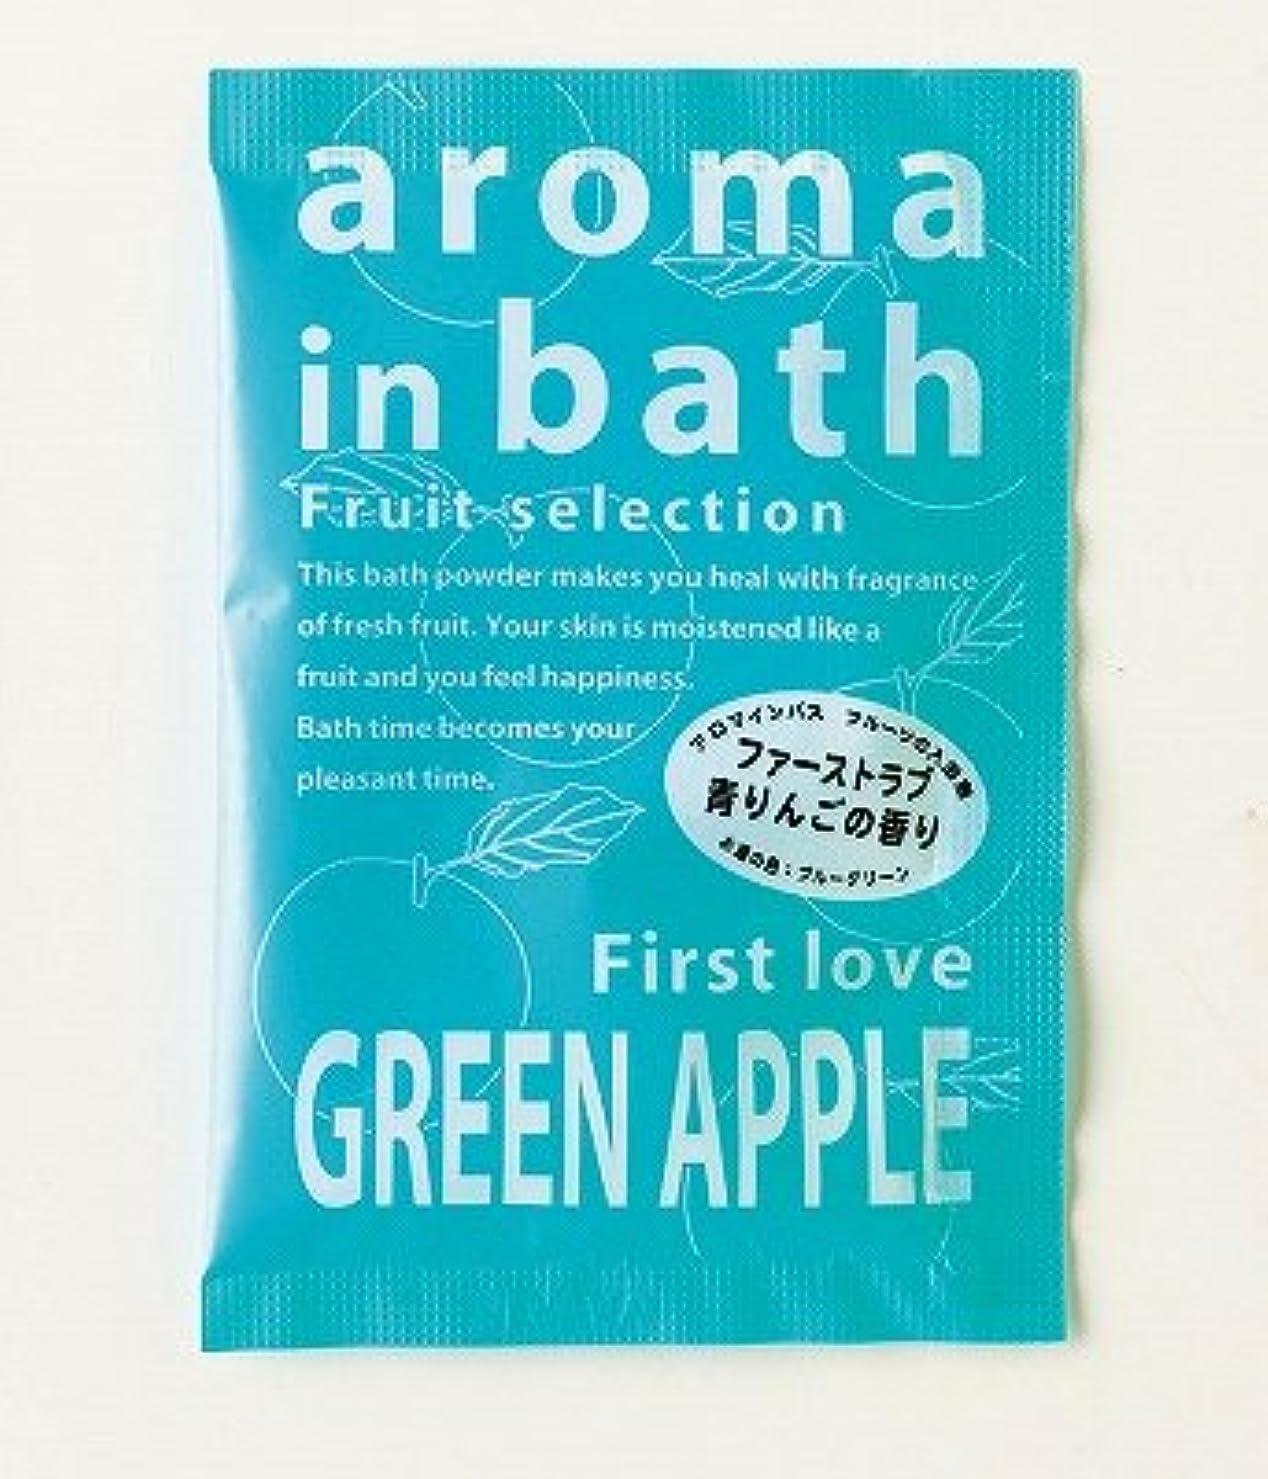 衝撃ジョガーバトルアロマインバス グリーンアップルの香り 25g(200個1セット)